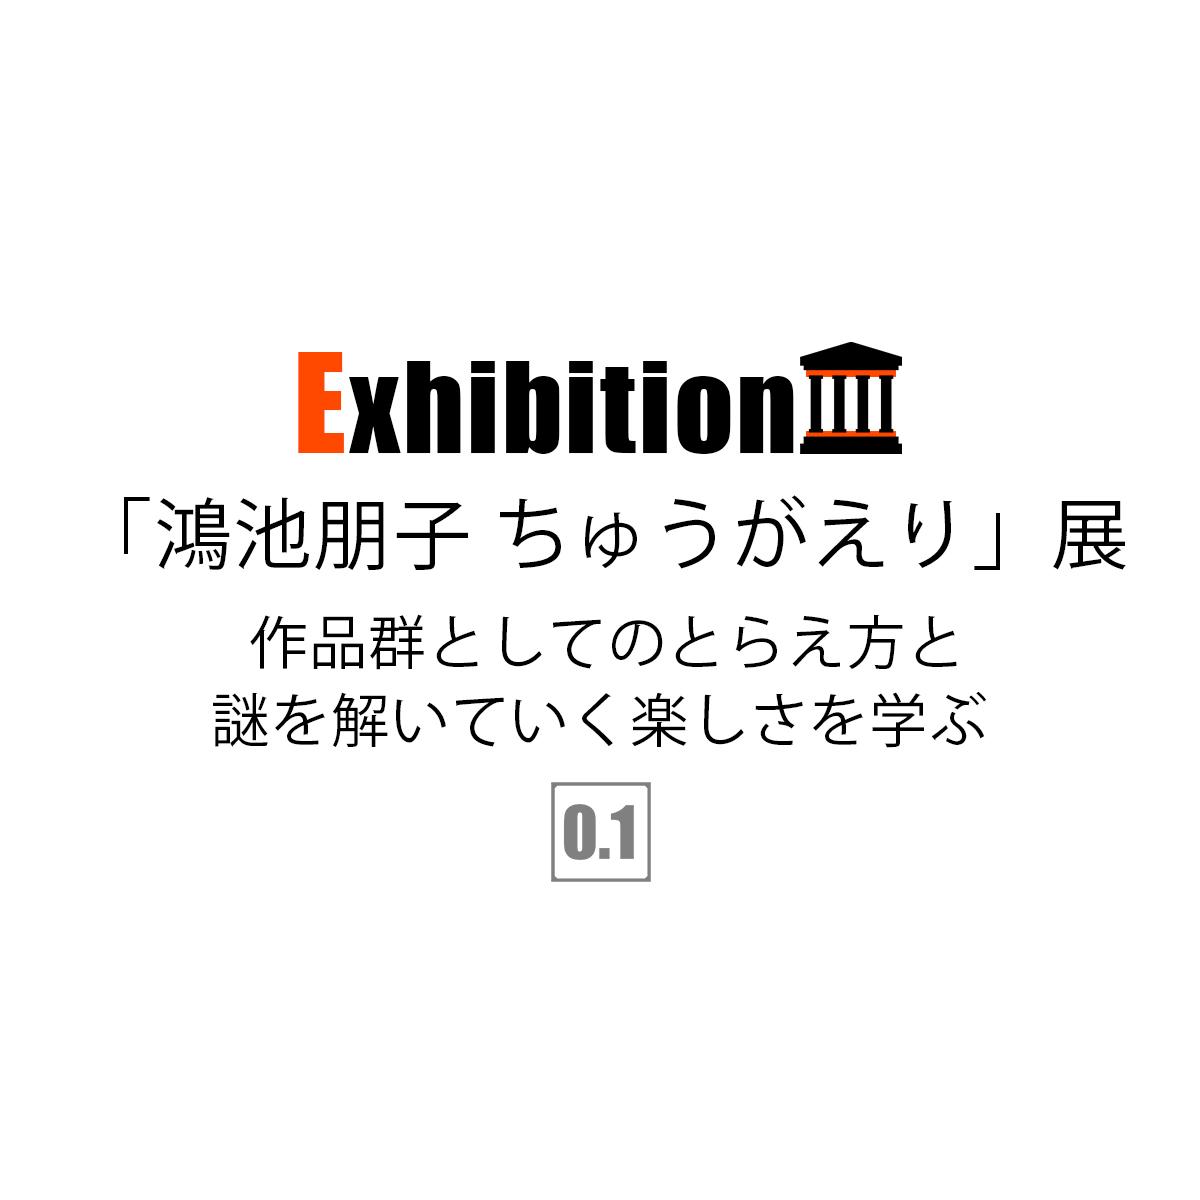 「鴻池朋子 ちゅうがえり」展の作品群から謎を解いていく楽しさを学ぶ